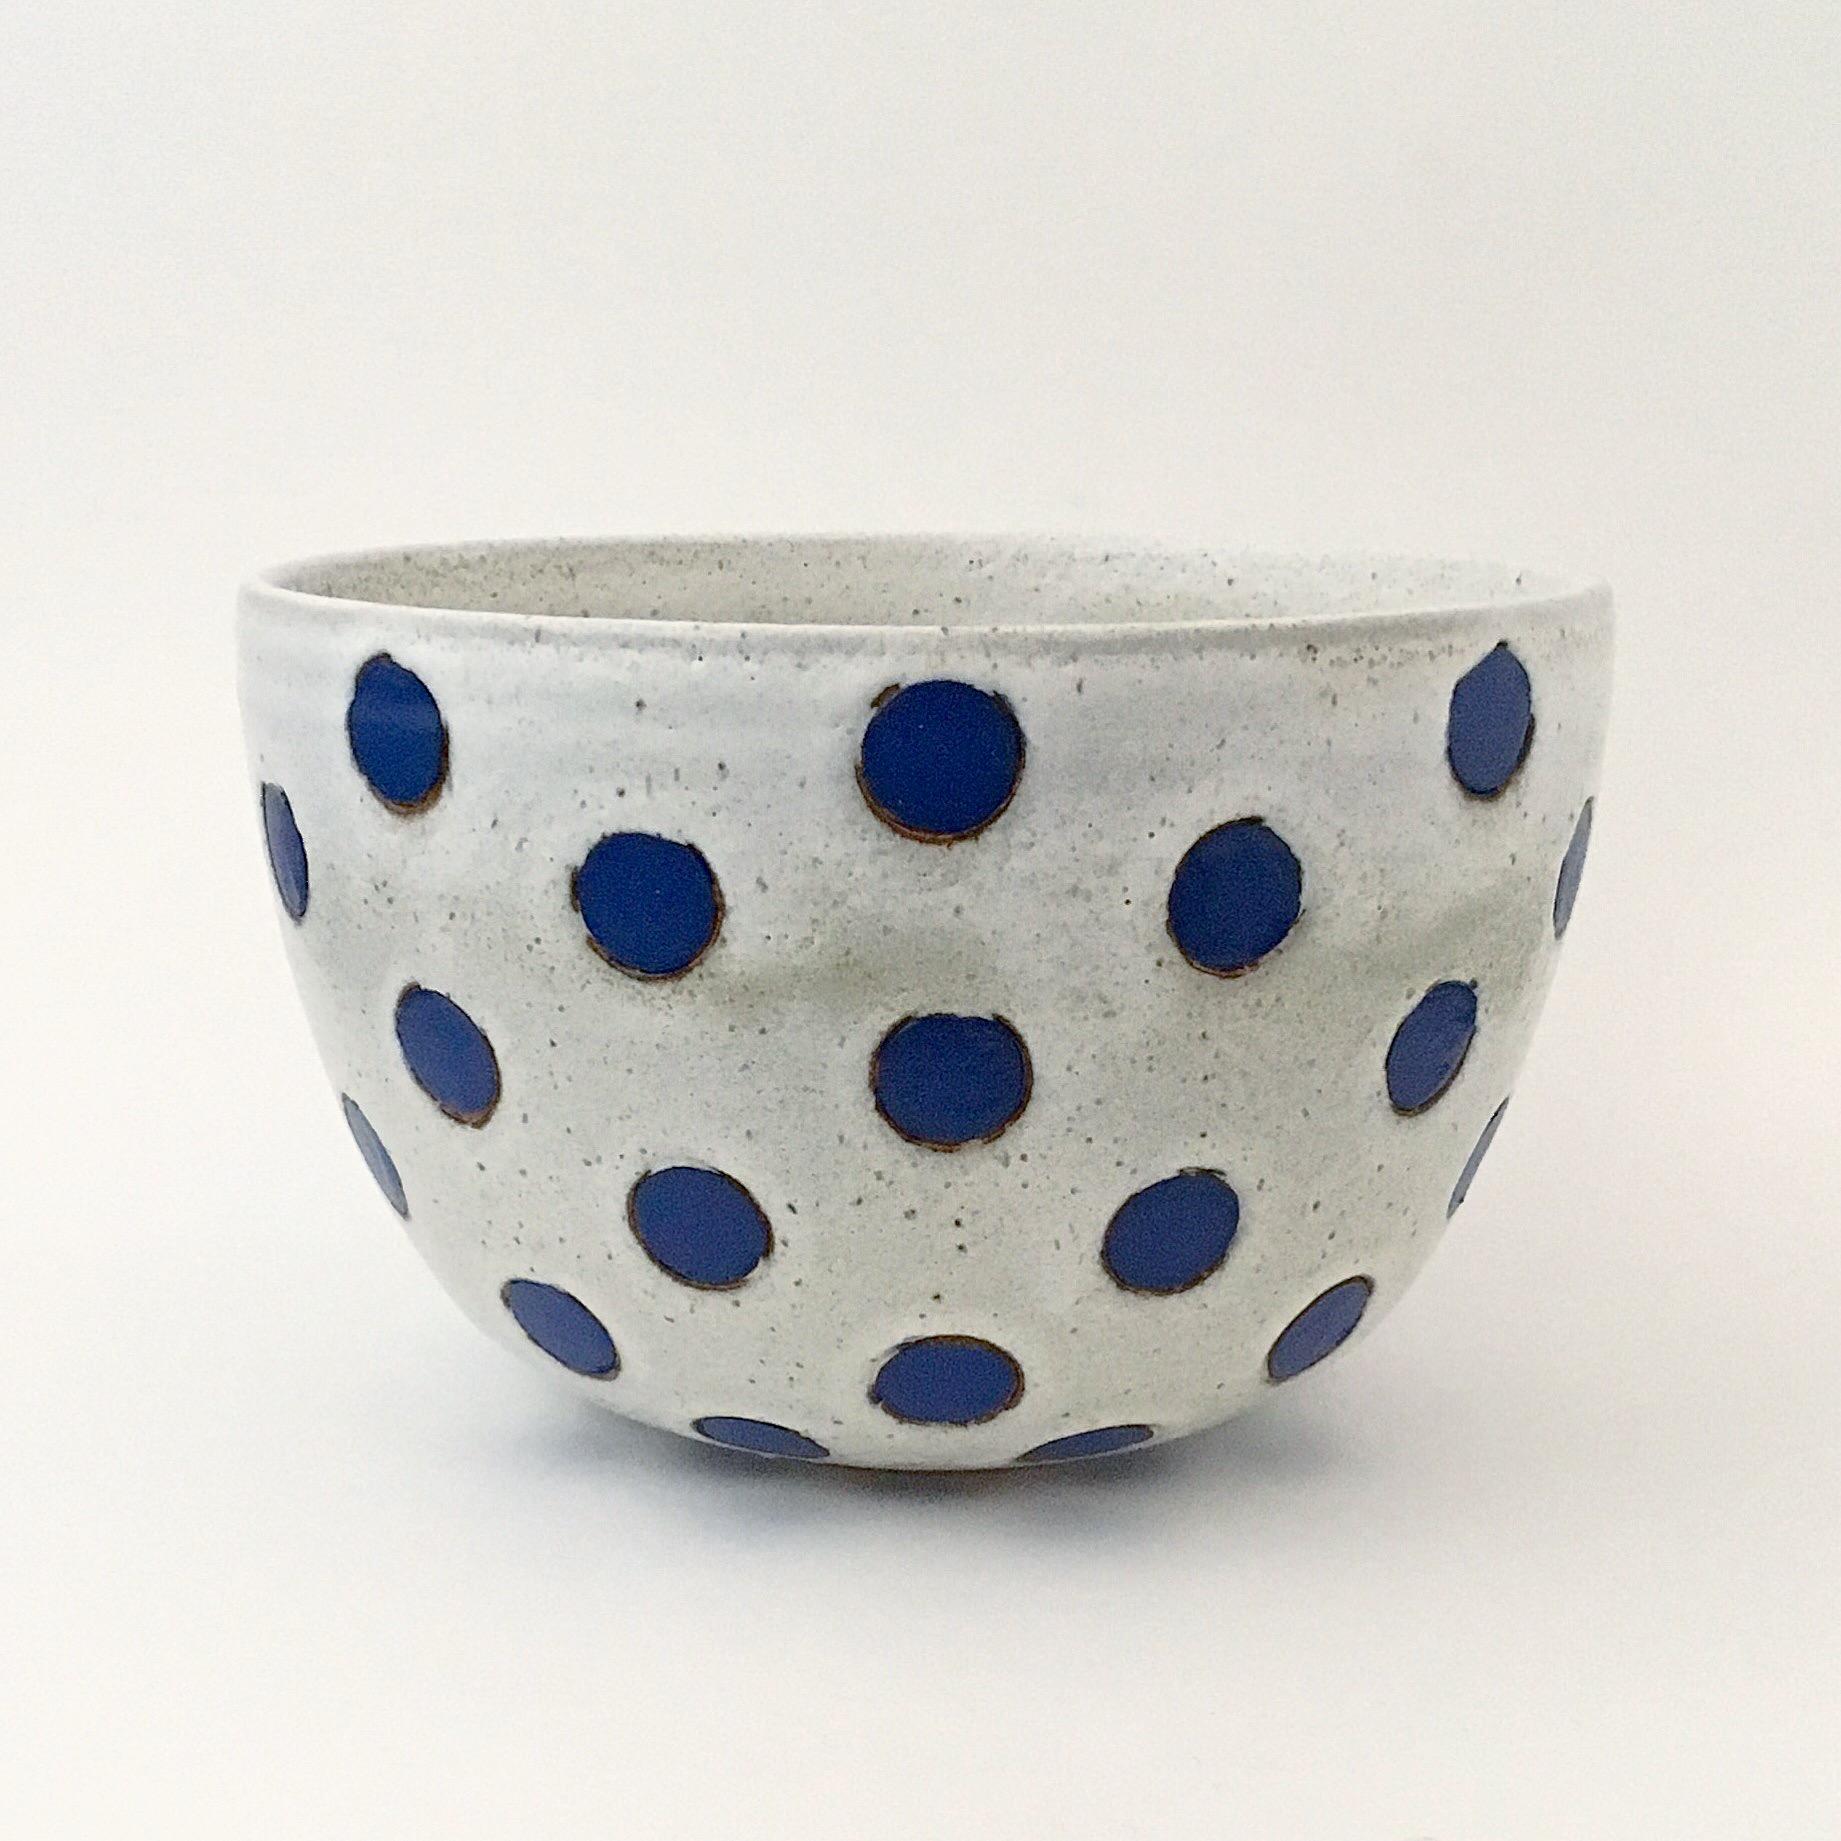 Blue on White Polka Dot Bowl